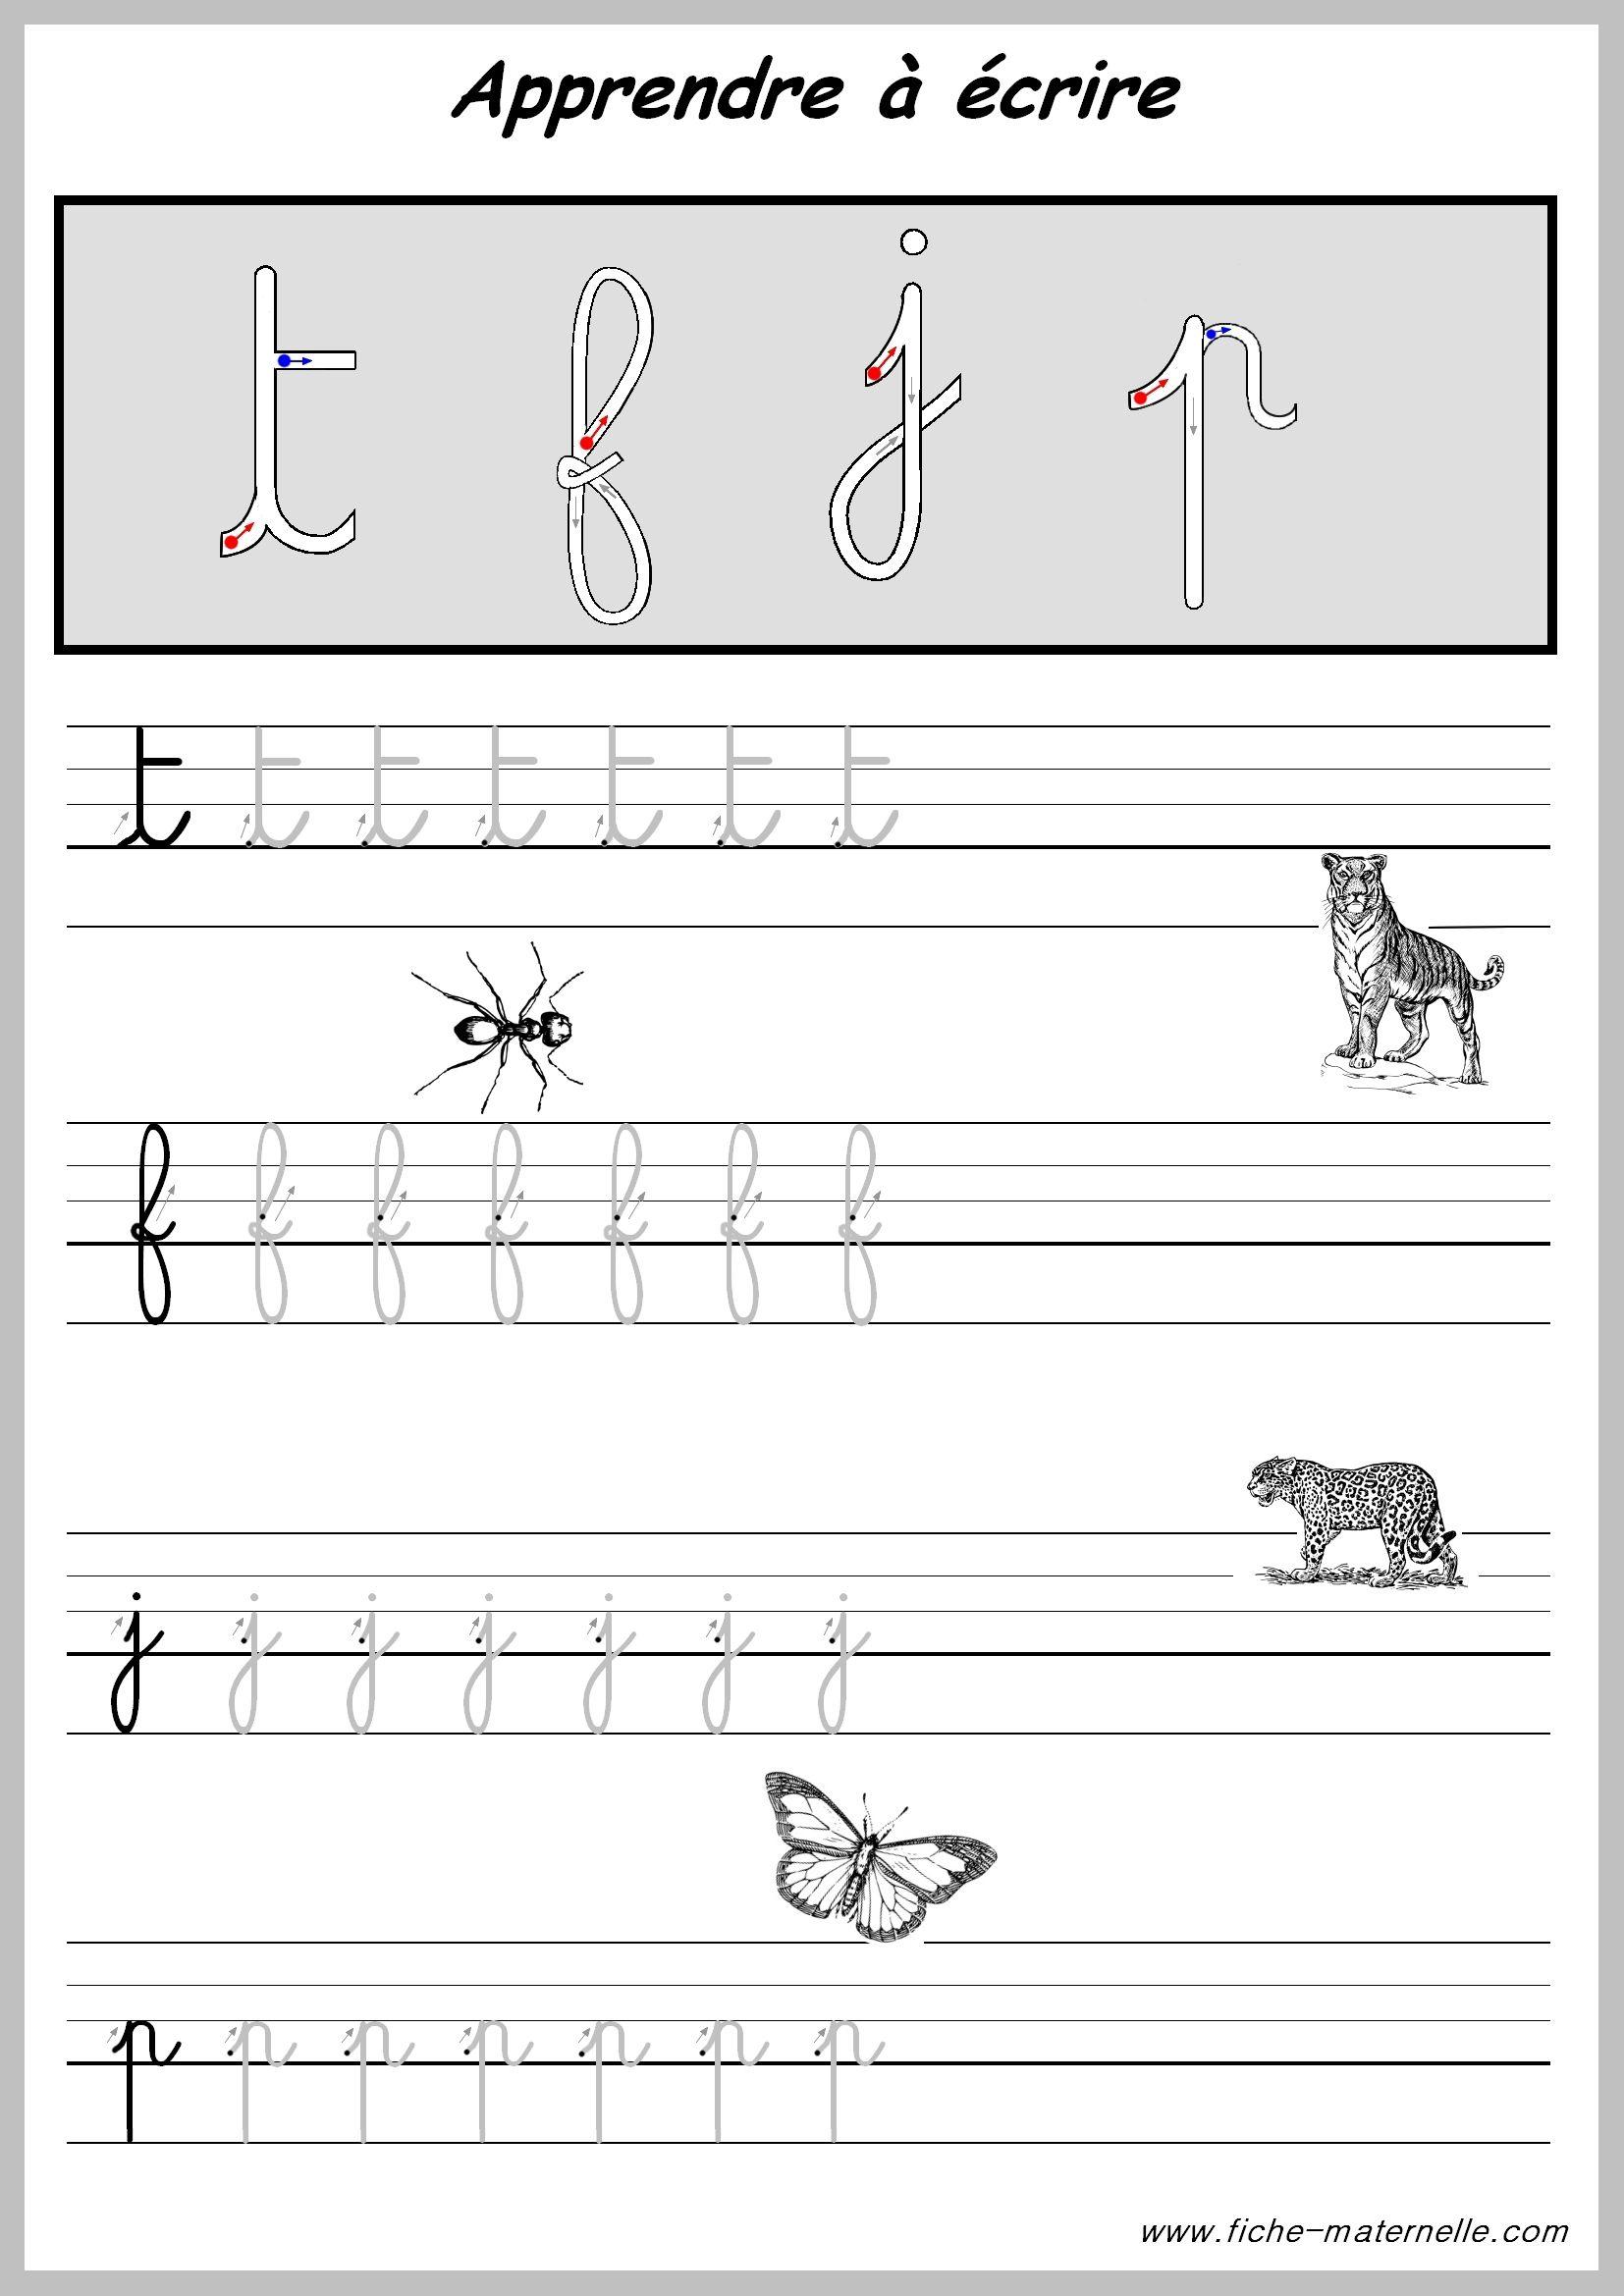 Exercices Pour Apprendre A Ecrire Les Lettres. | Écrire En tout Apprendre À Écrire L Alphabet En Maternelle